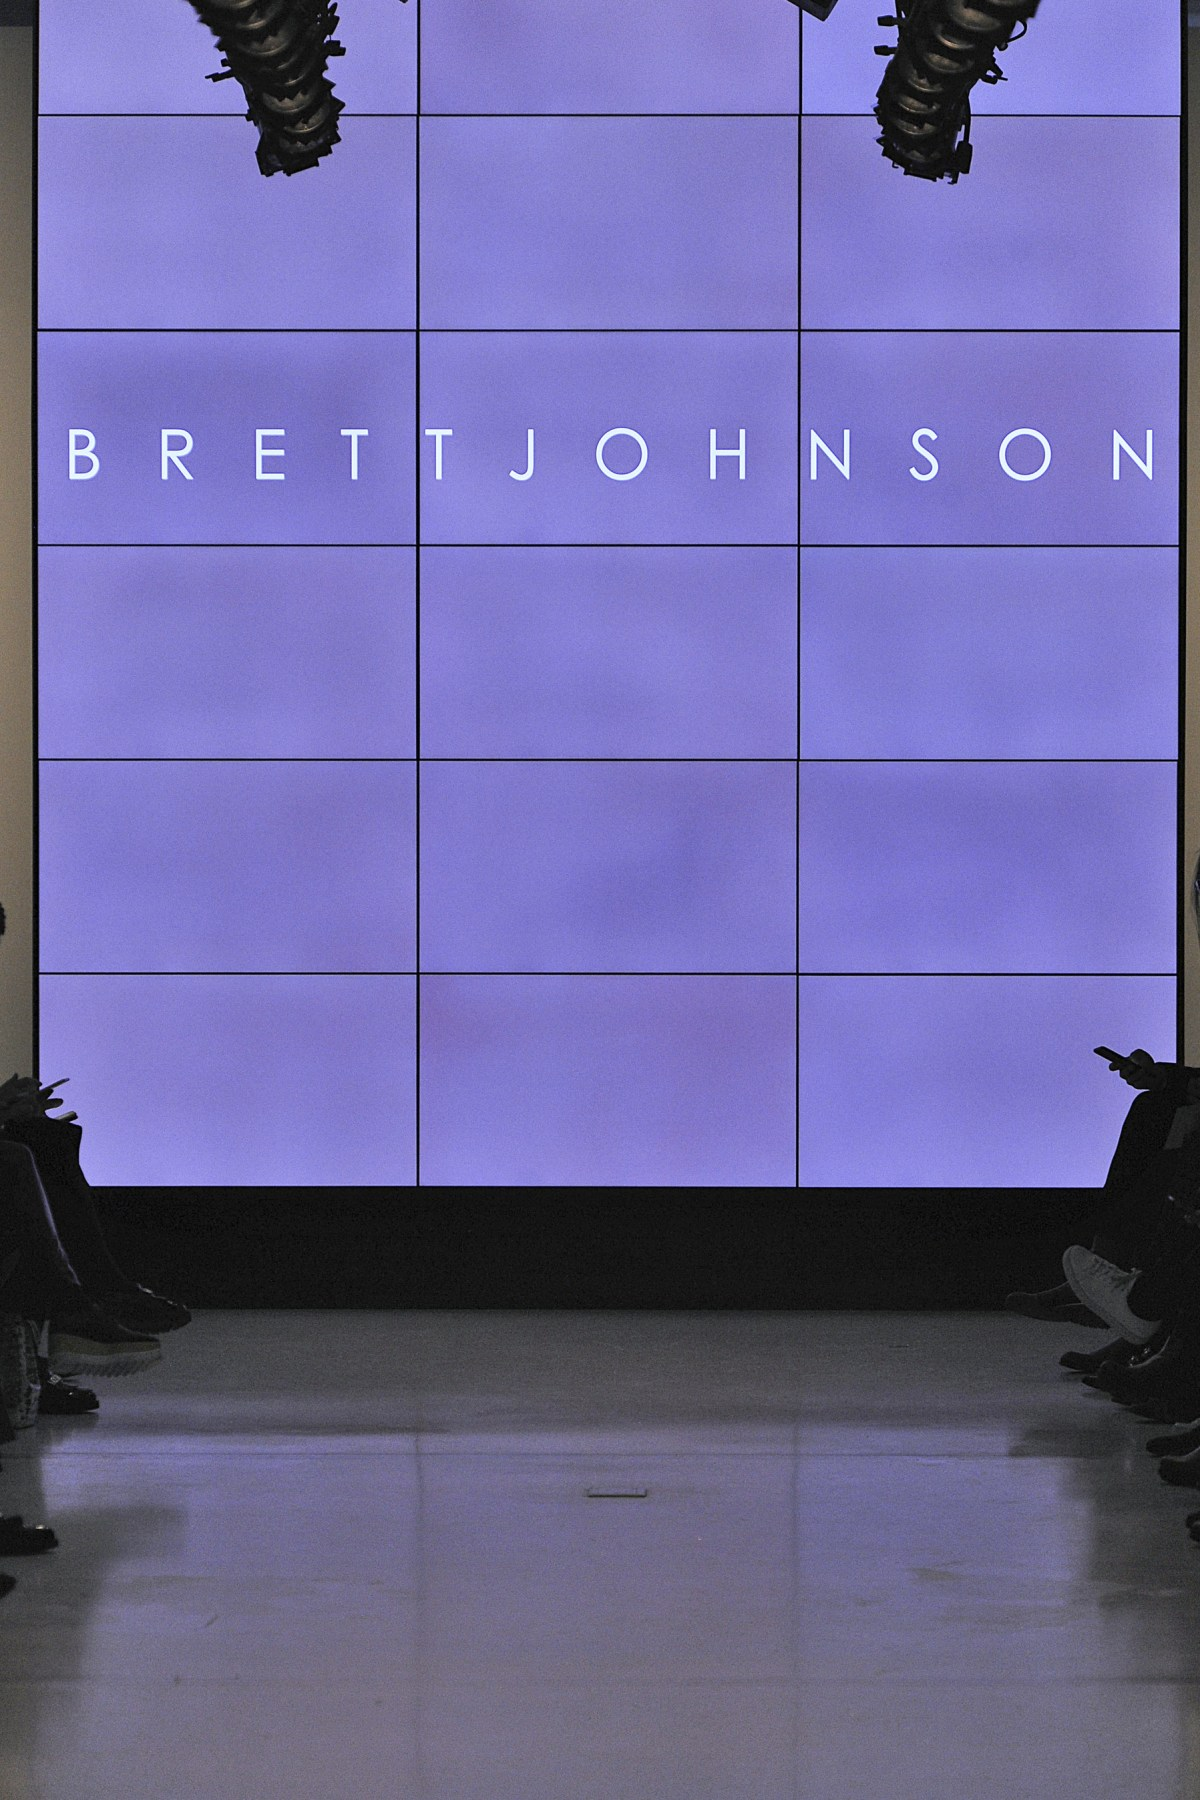 Brett Johnson m RF17 0001